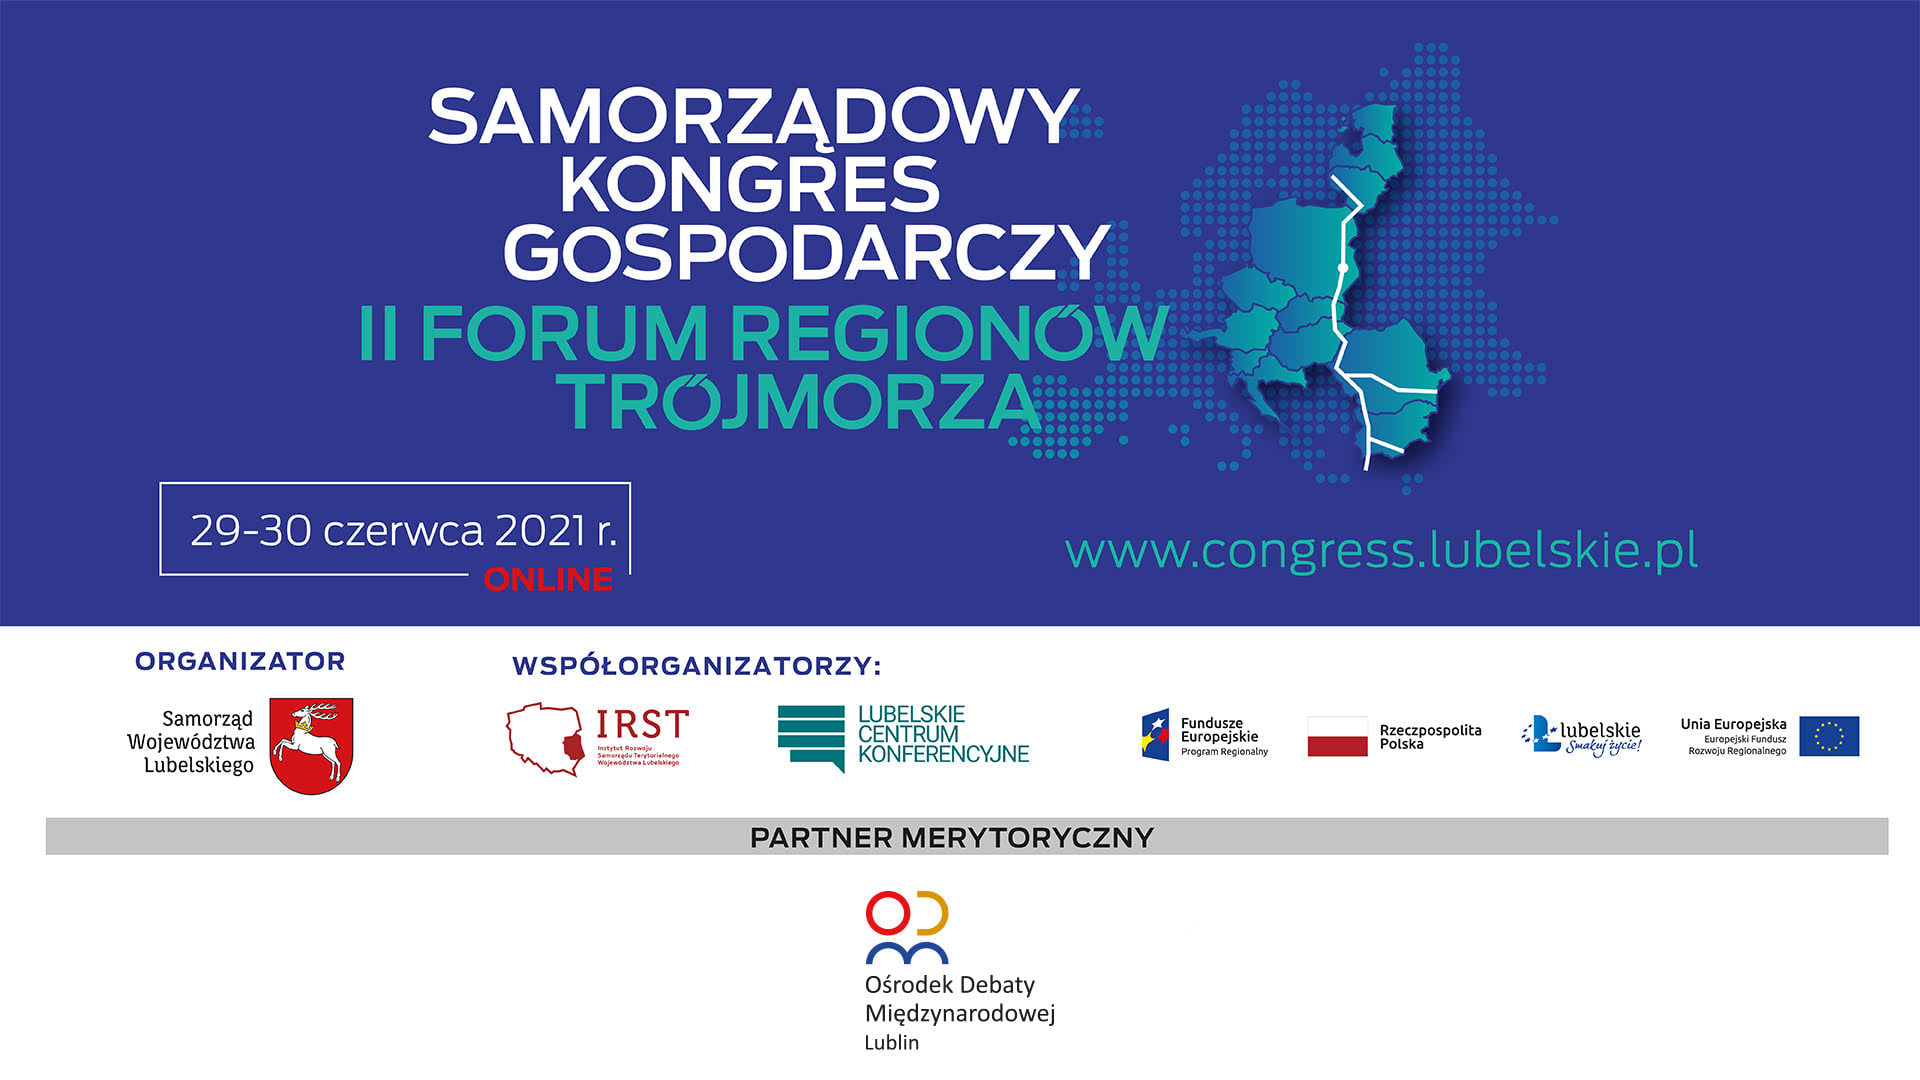 Samorządowy Kongres Gospodarczy – II Forum Regionów Trójmorza